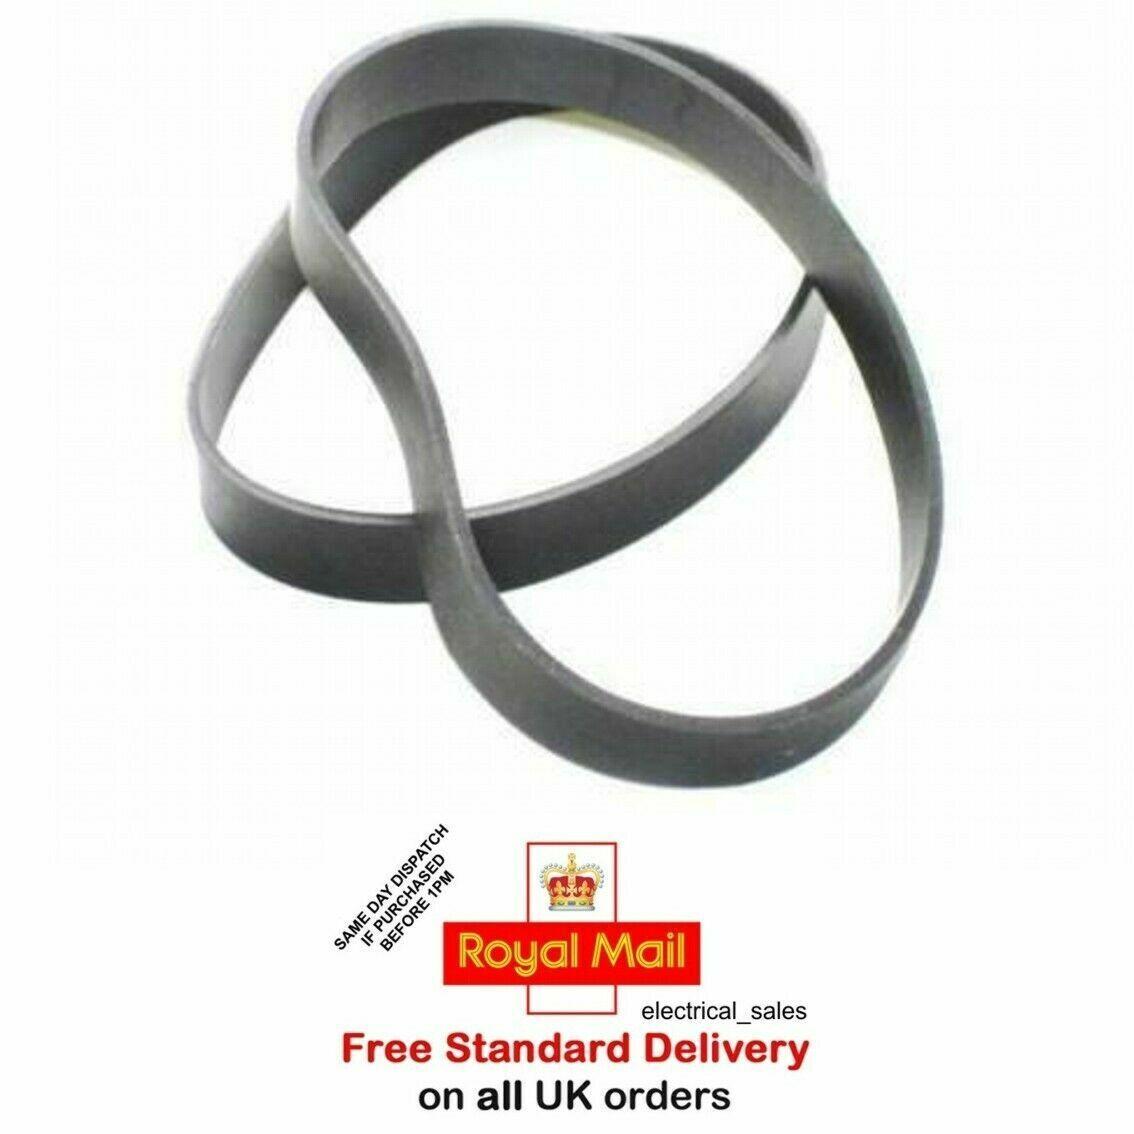 Vax ceintures authentique ceinture kit type 1 pack de 2 voir les détails pour modèles